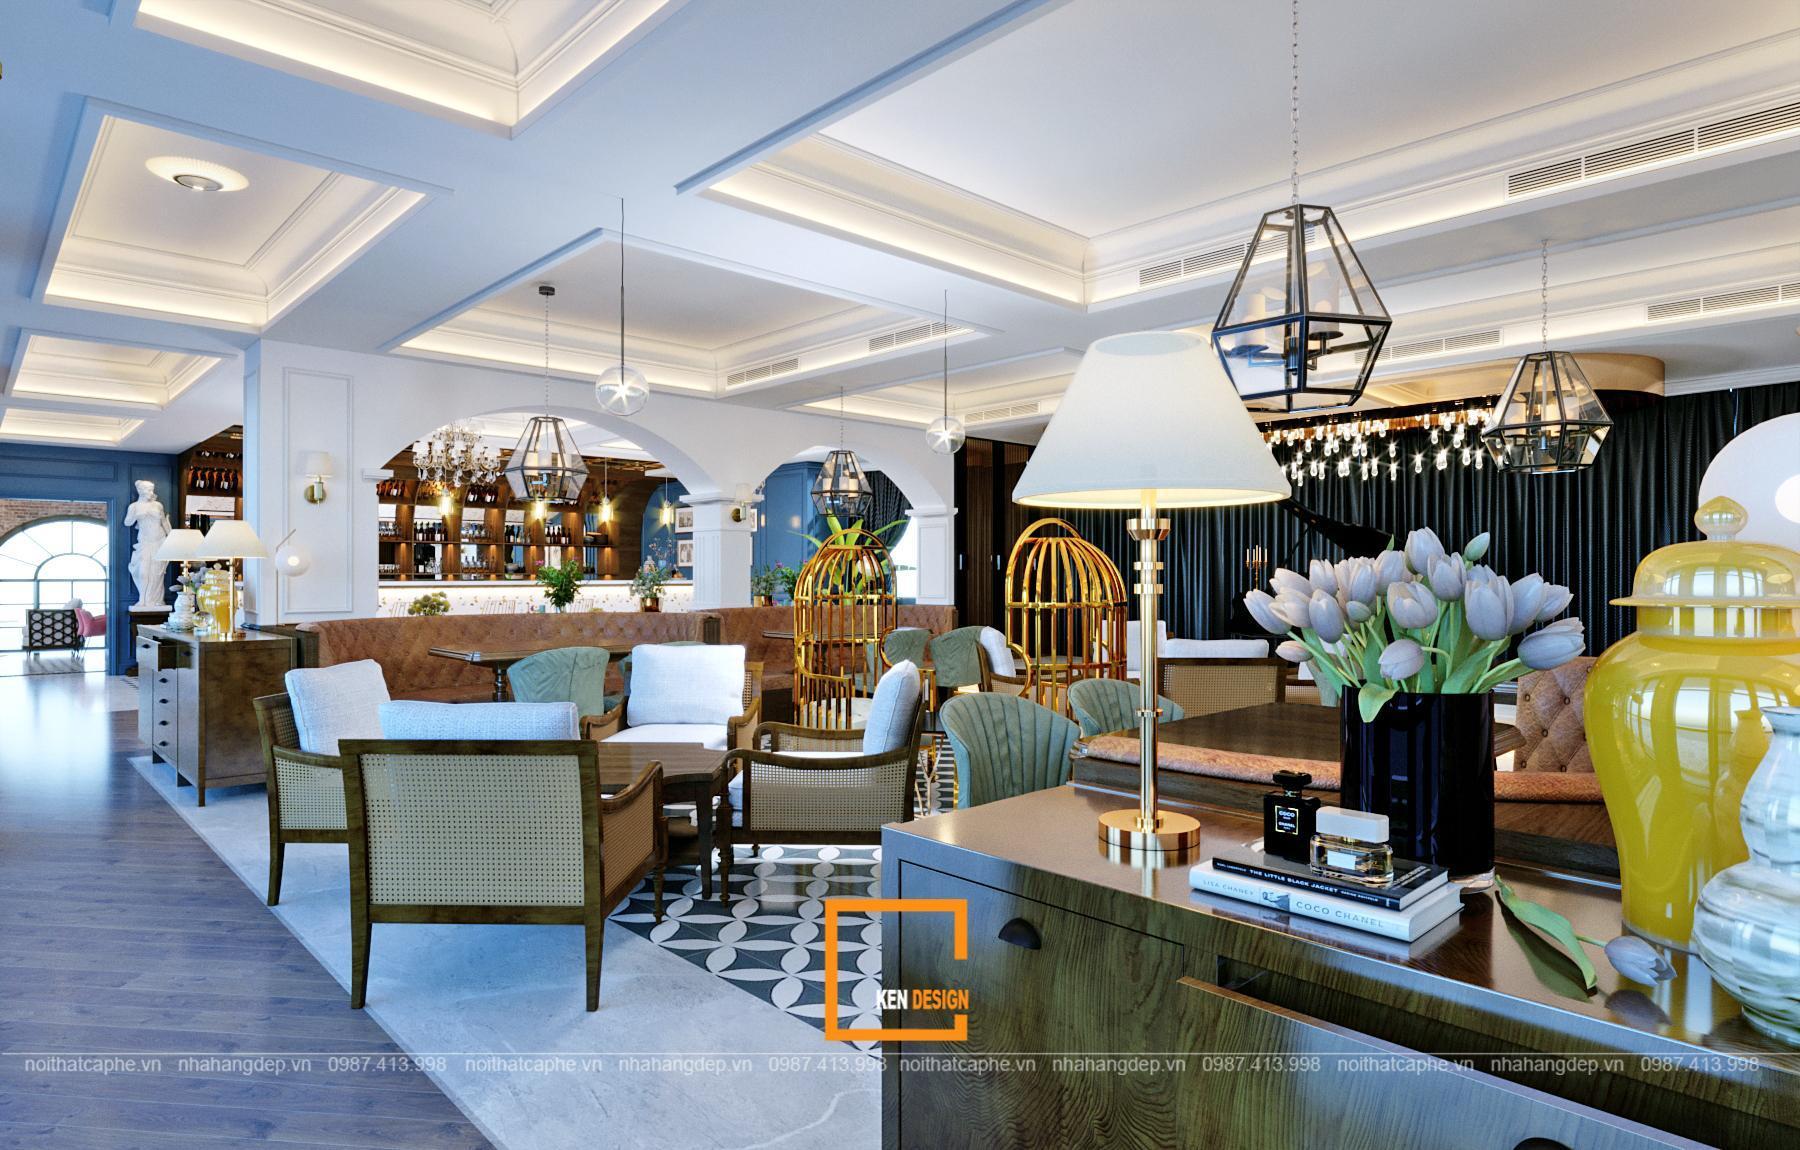 Thiết kế không gian quán cafe phong cách Châu Âu